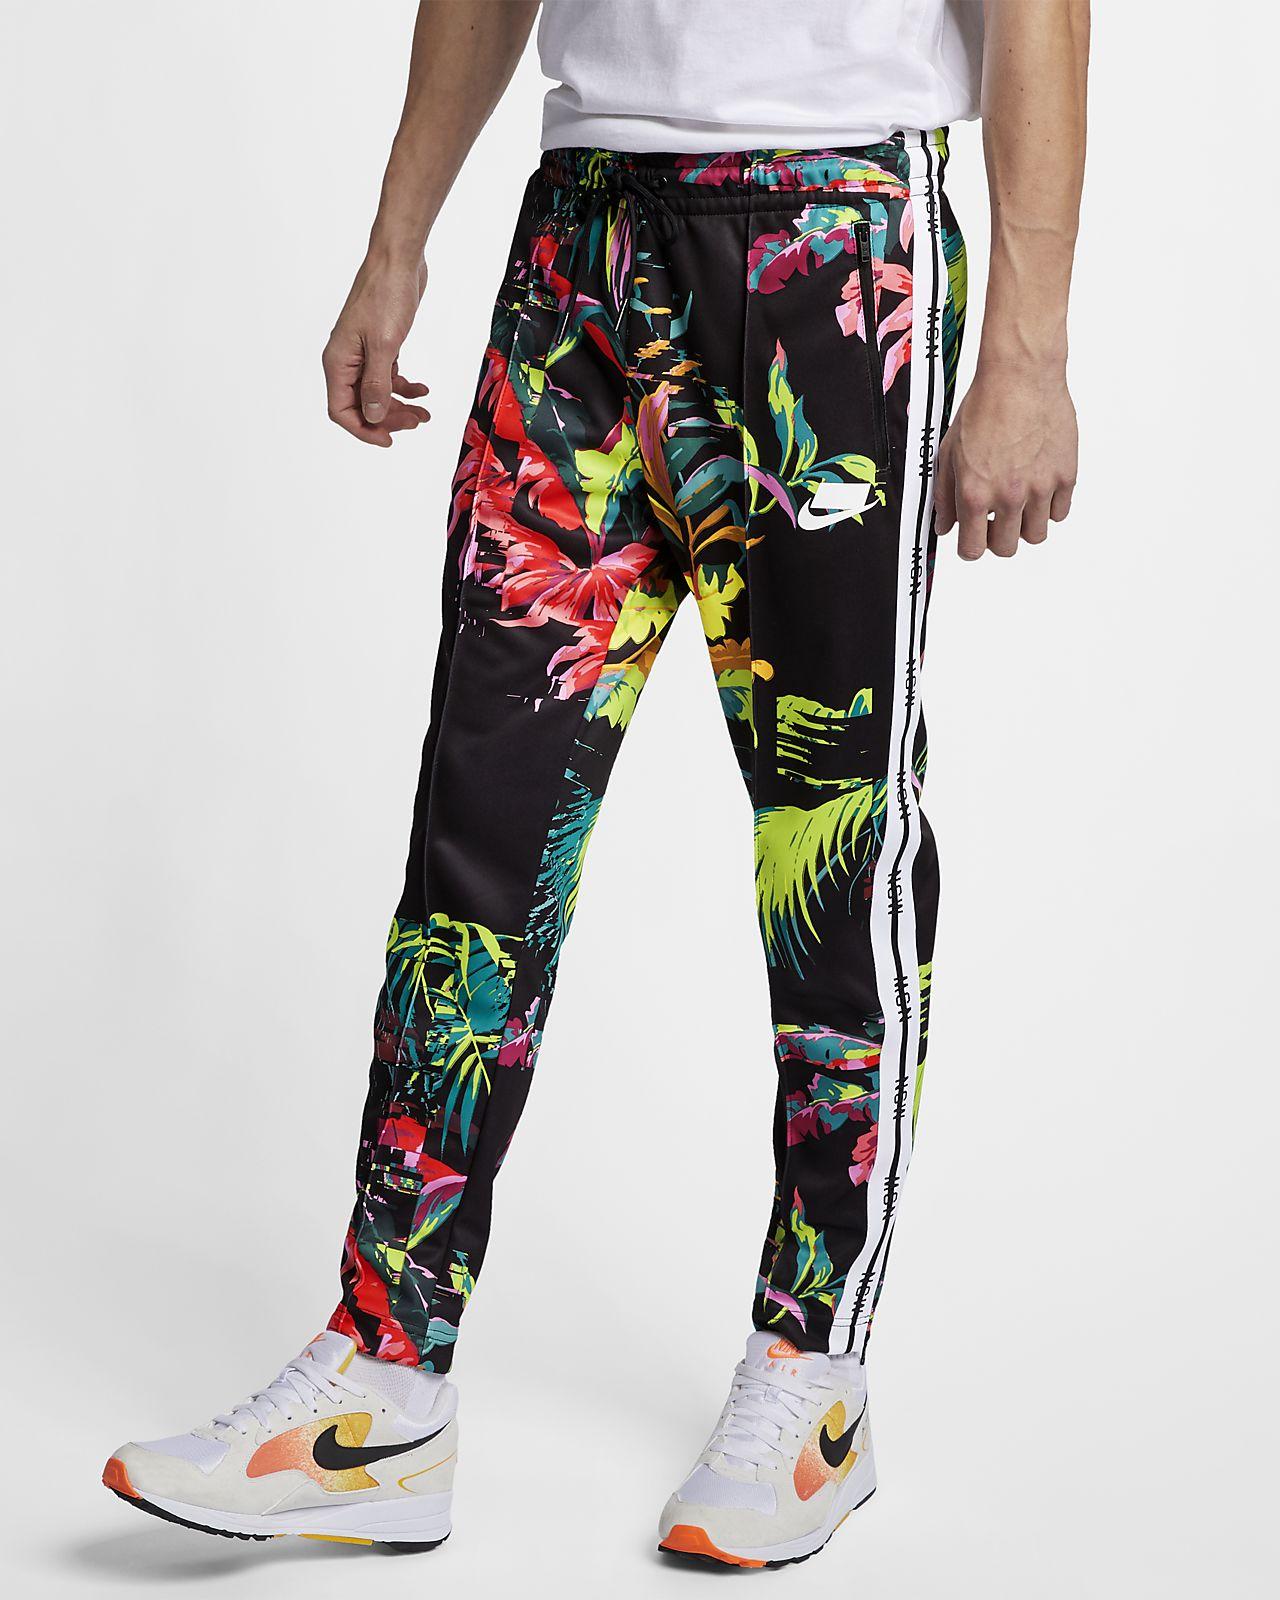 Sportswear Homme Survêtement Pour Nsw Nike Ch Pantalon De tPRwqaxSC